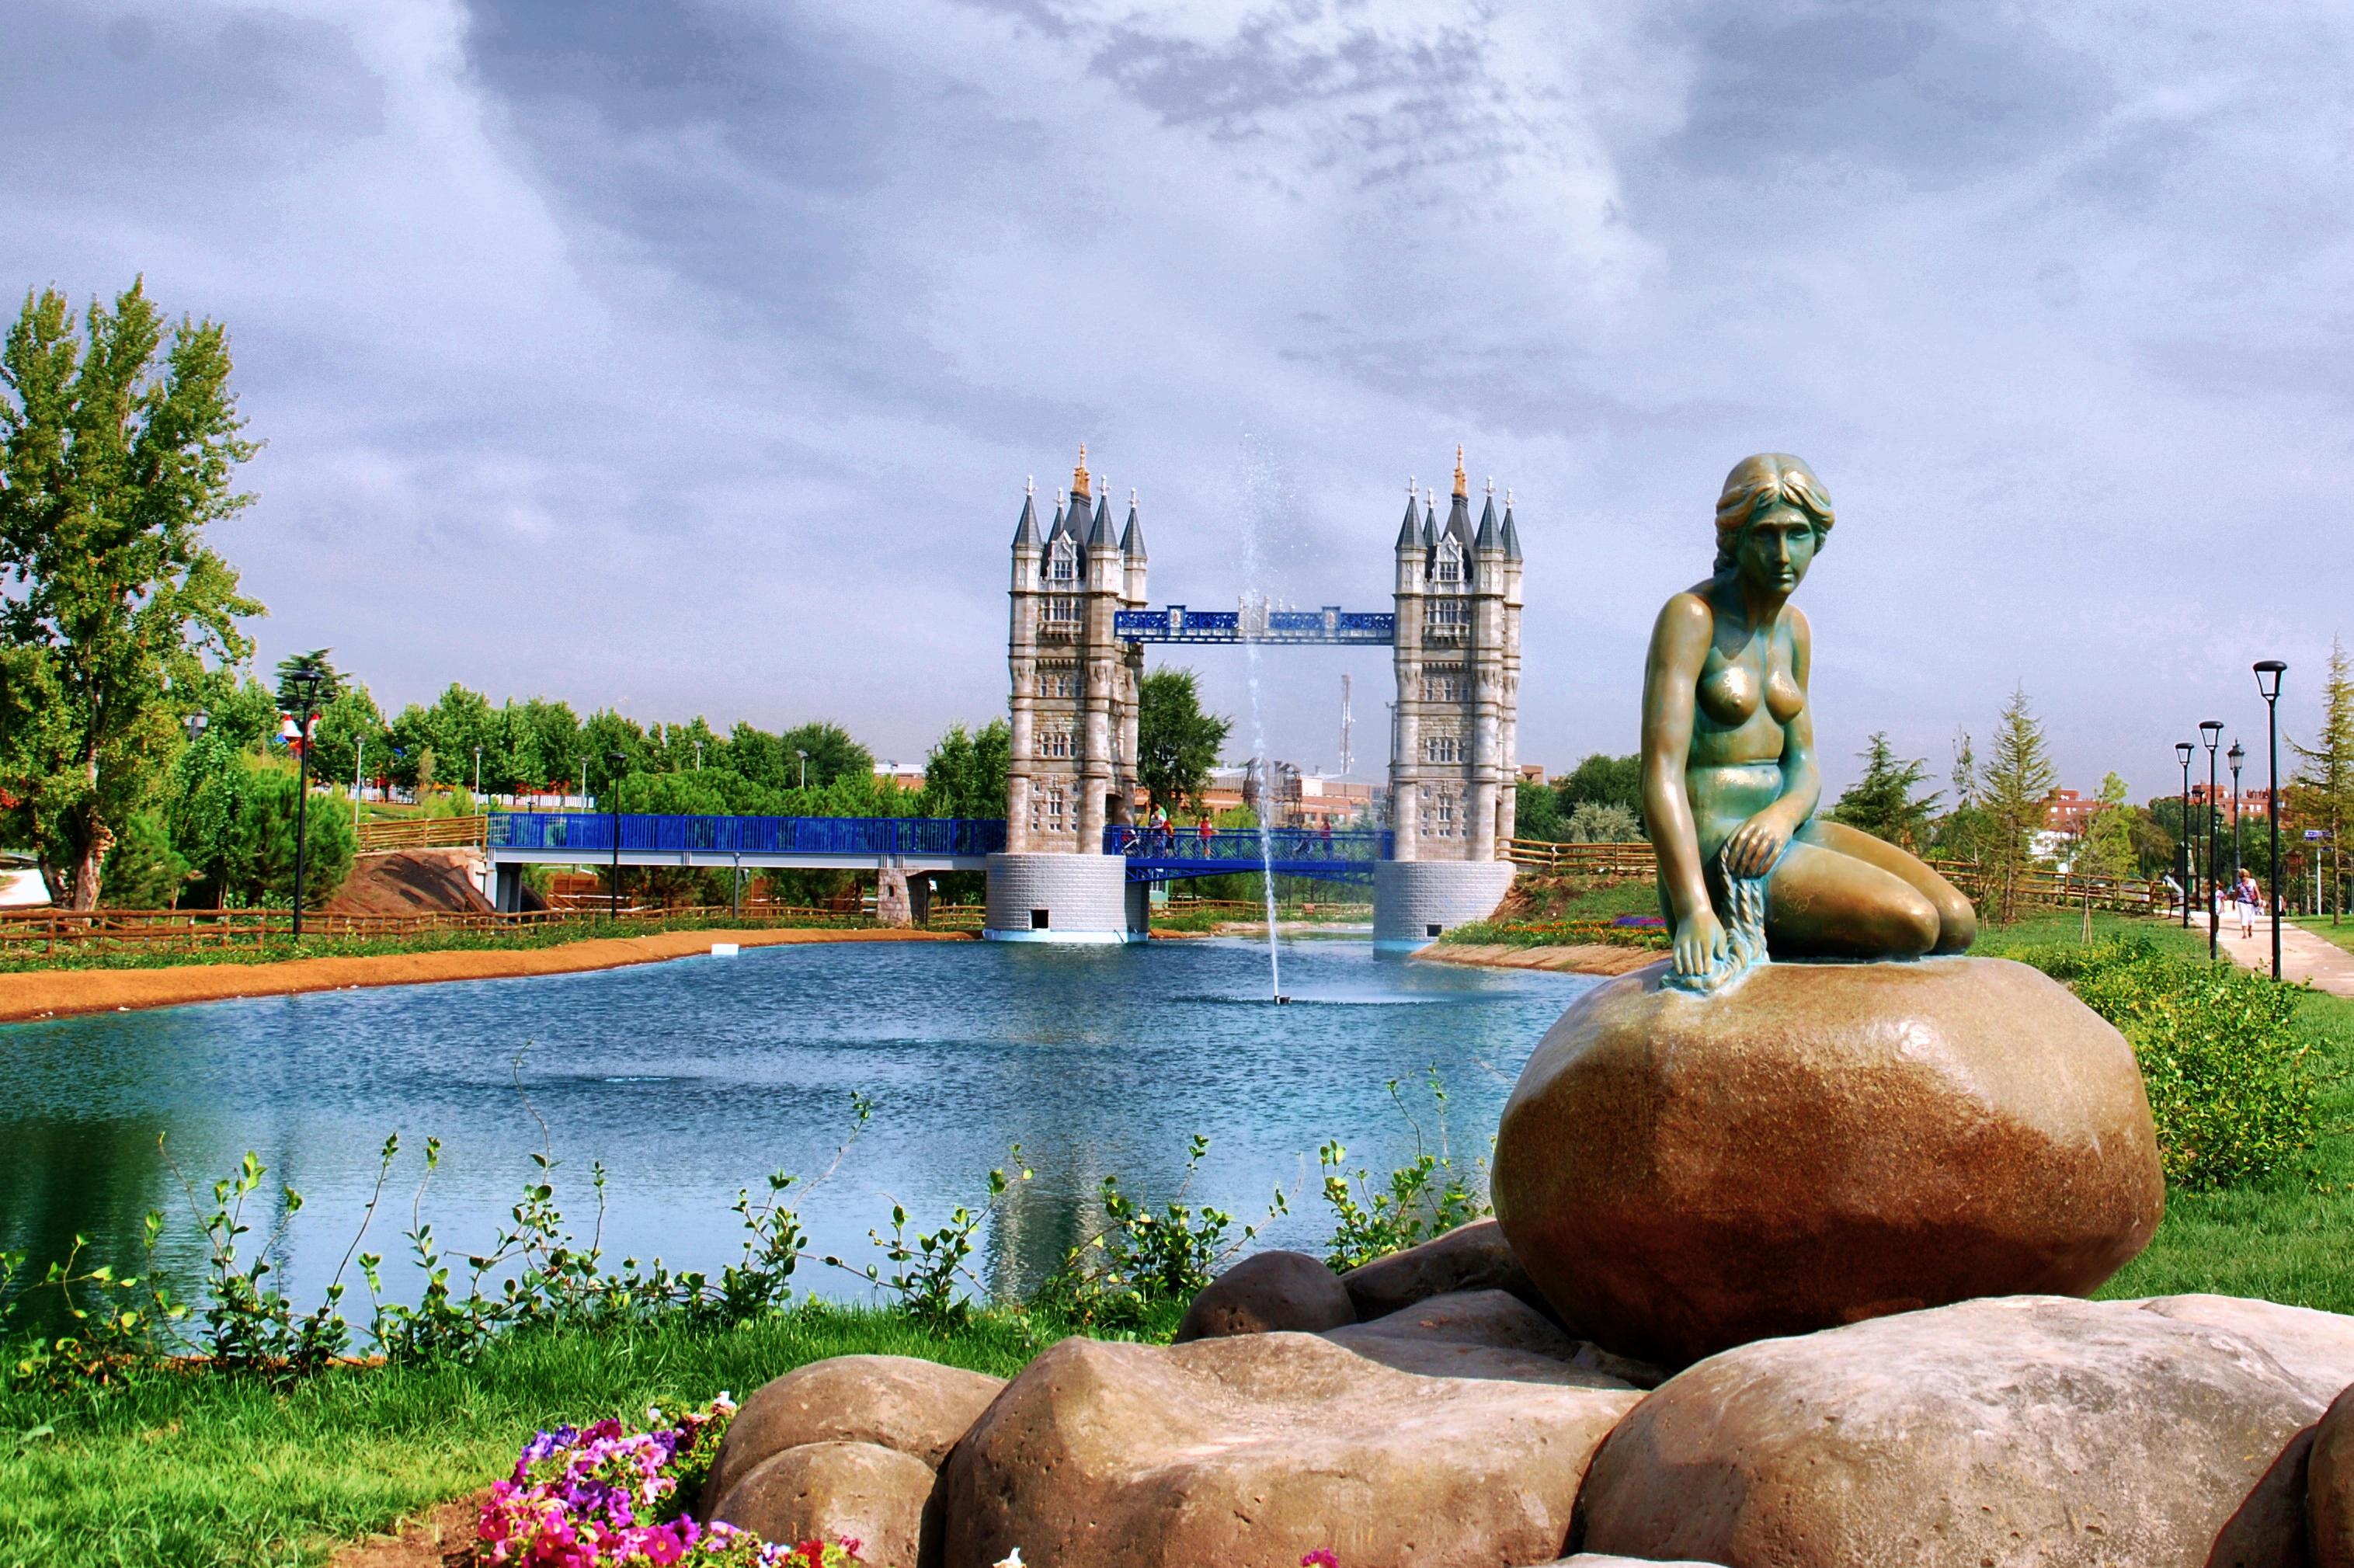 Parque europa un paseo por europa sin salir de madrid for Jardines que visitar en madrid